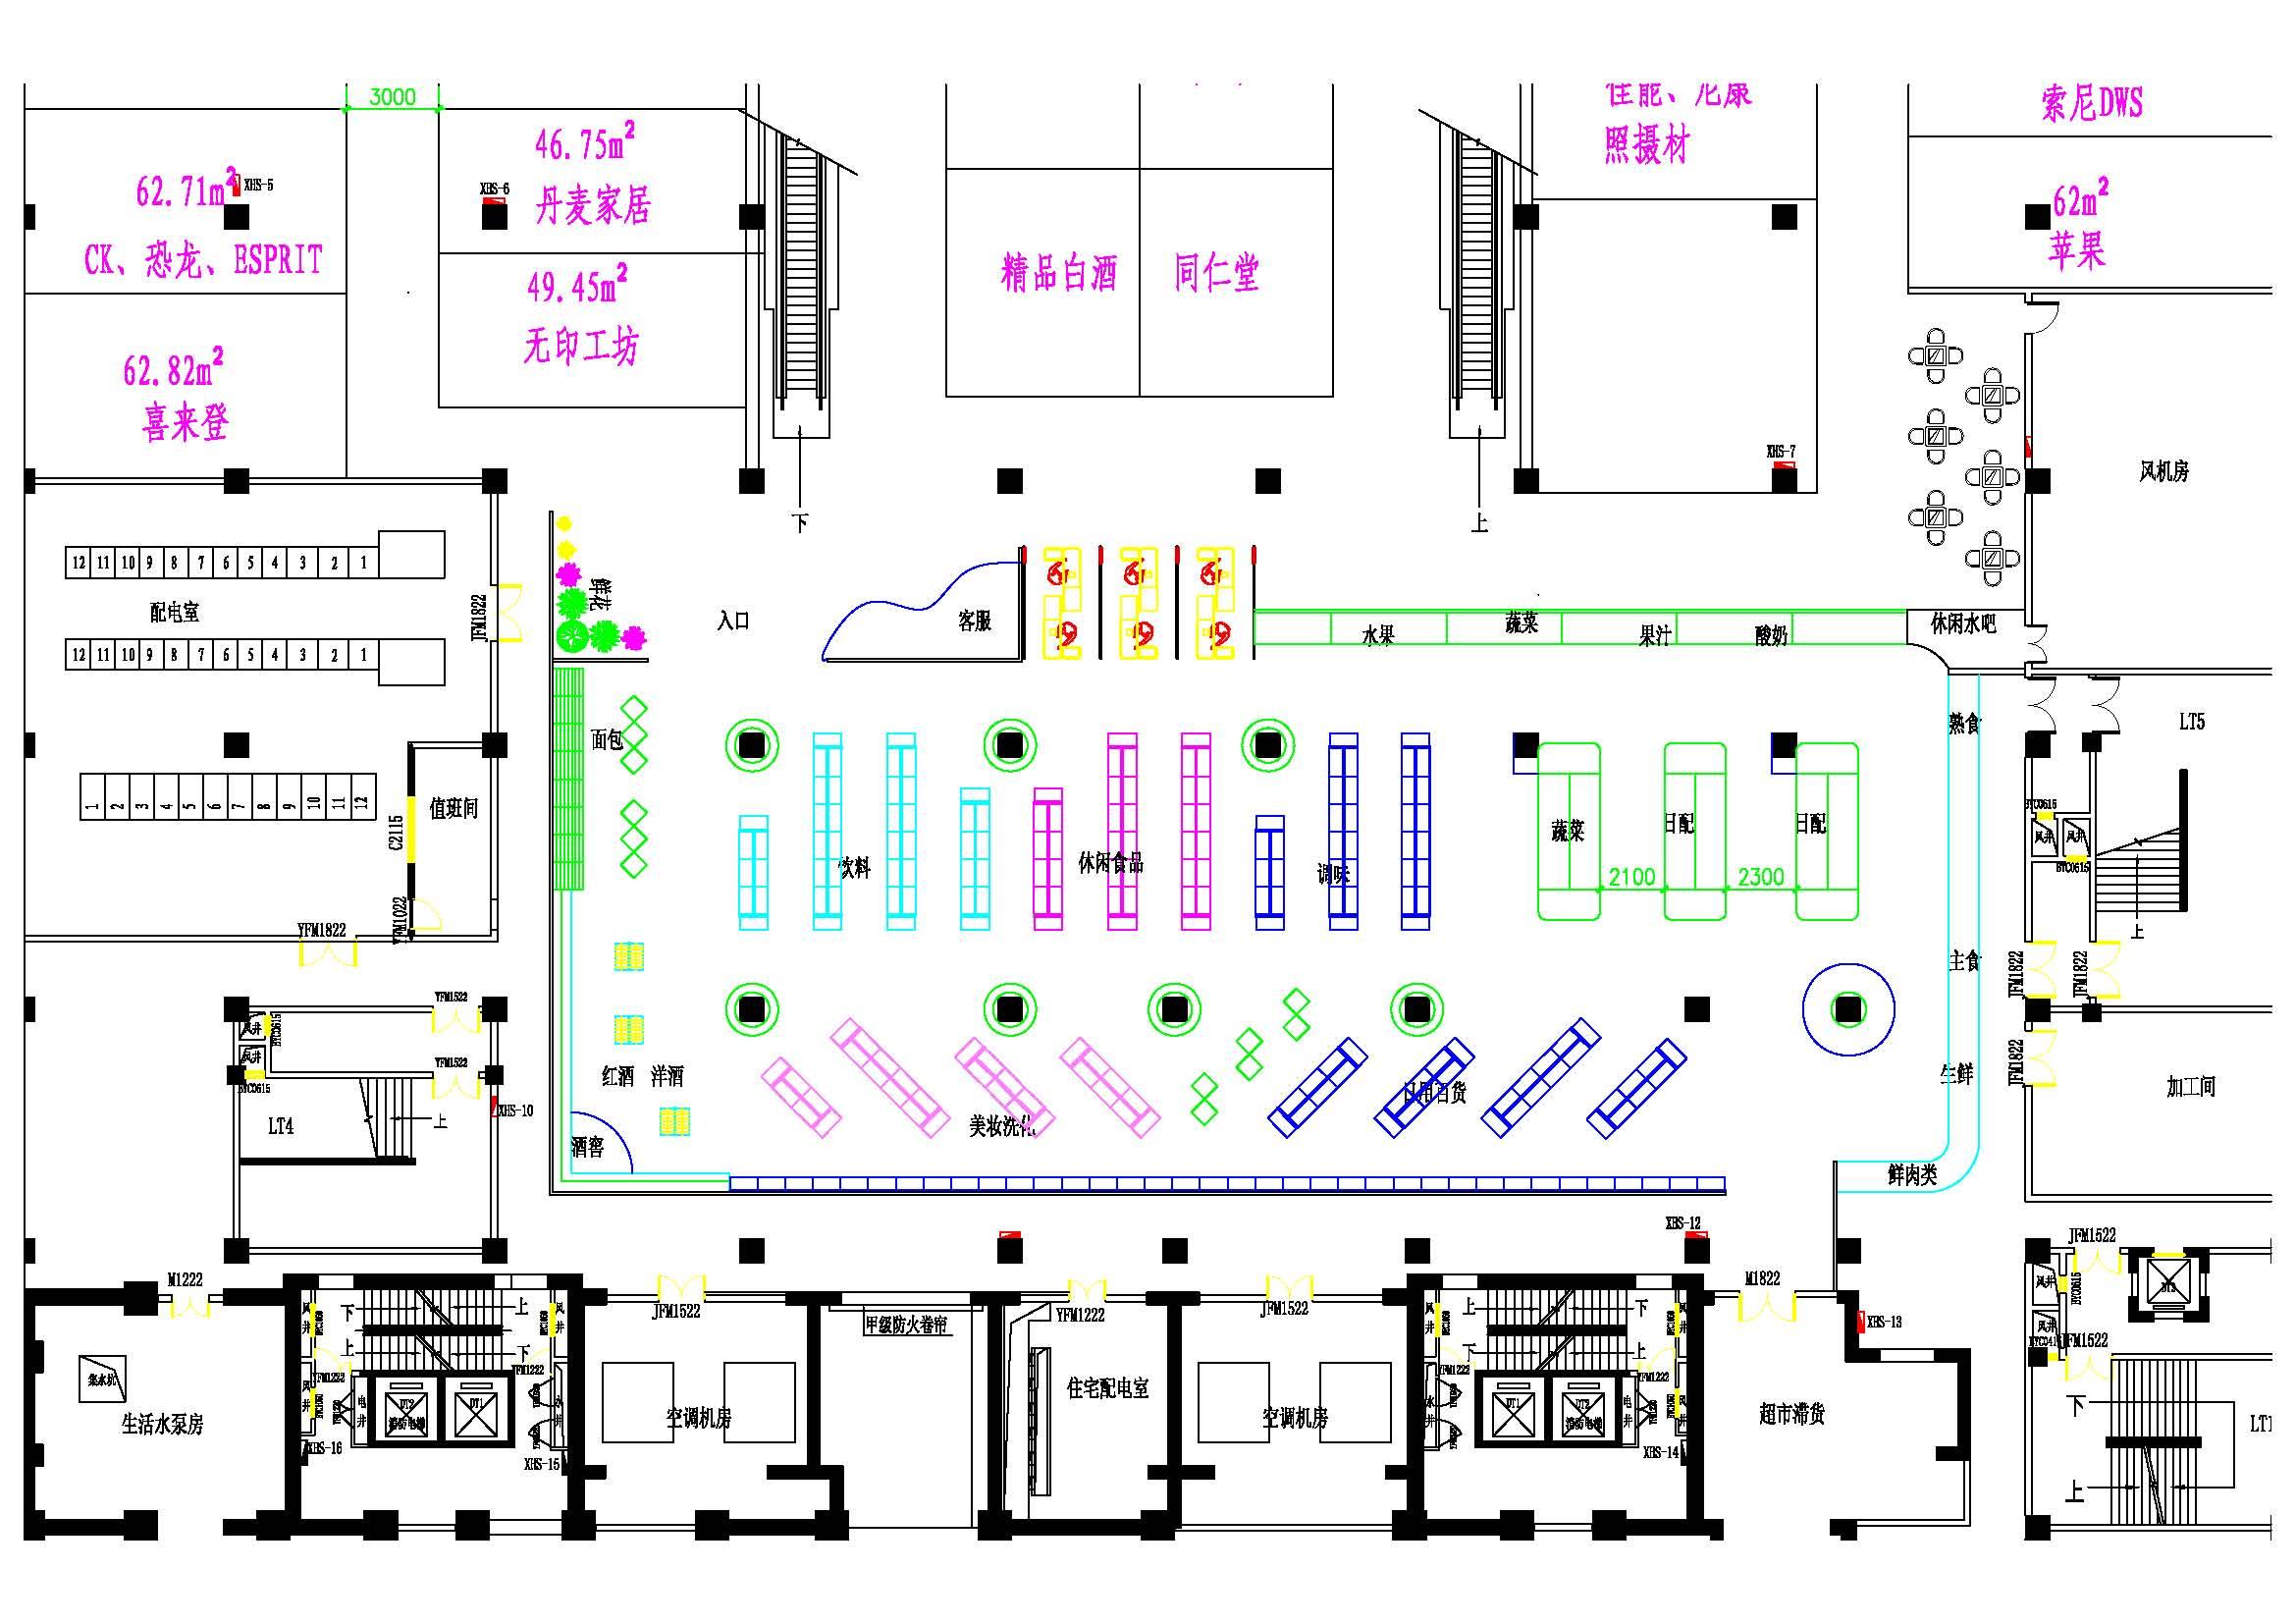 超市:精致生活-技术主题规划设计苏州ngk热工精品机械v超市图片